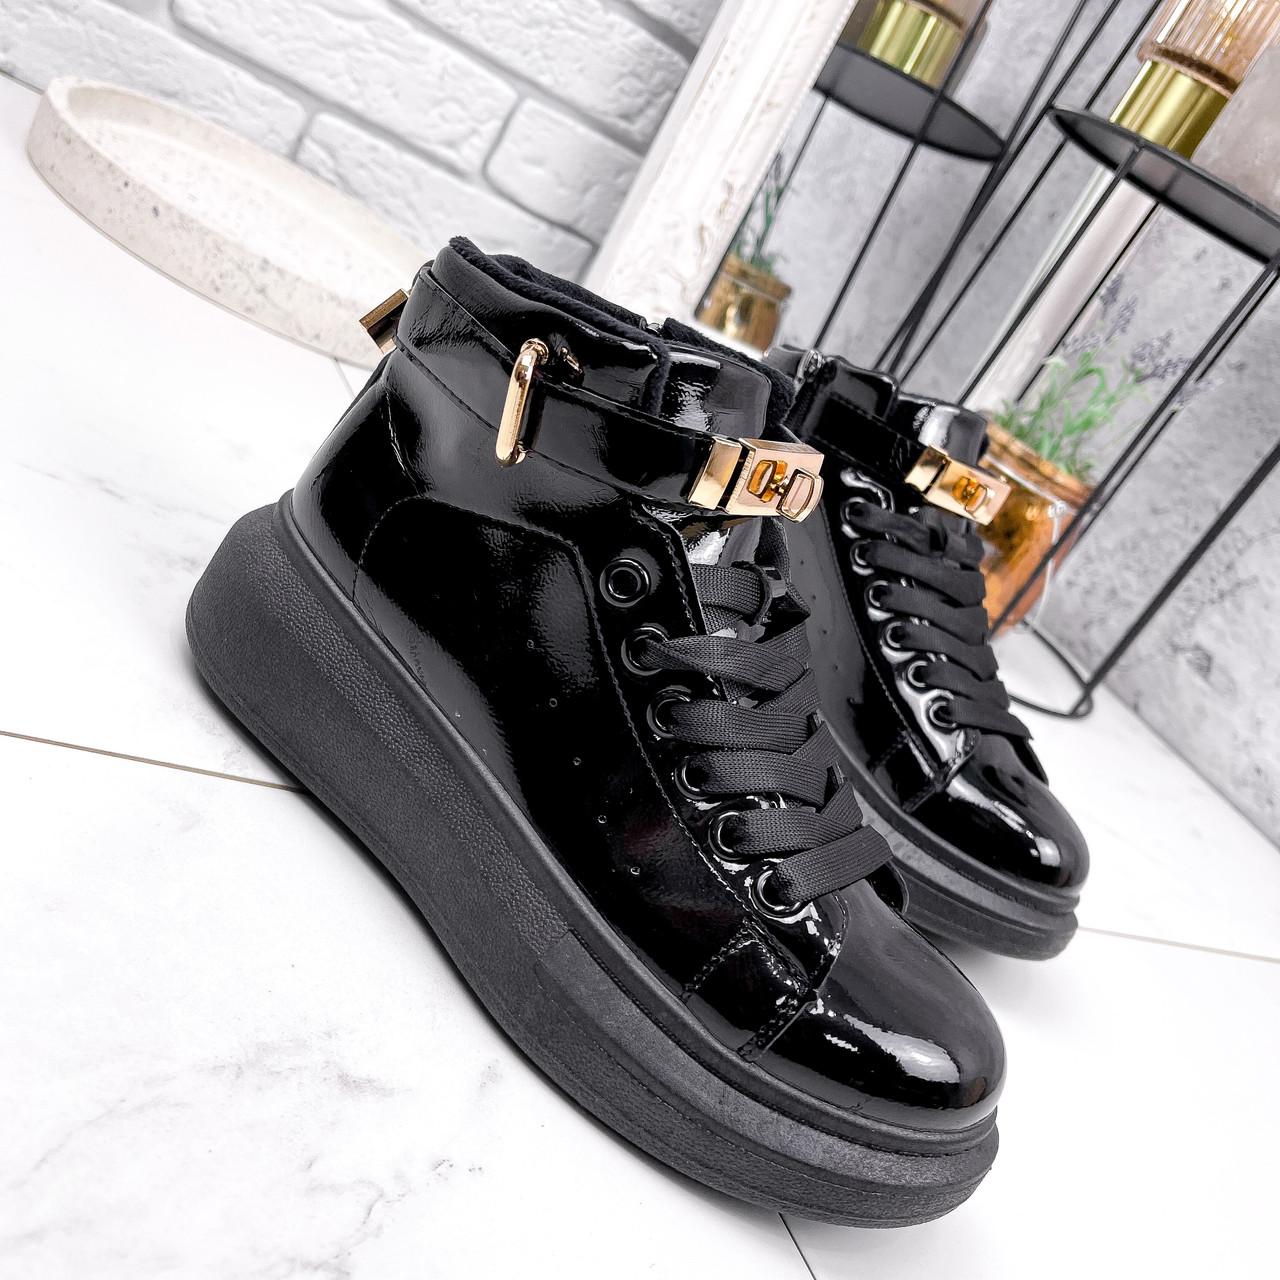 Ботинки женские Erme черные ДЕМИ 2840